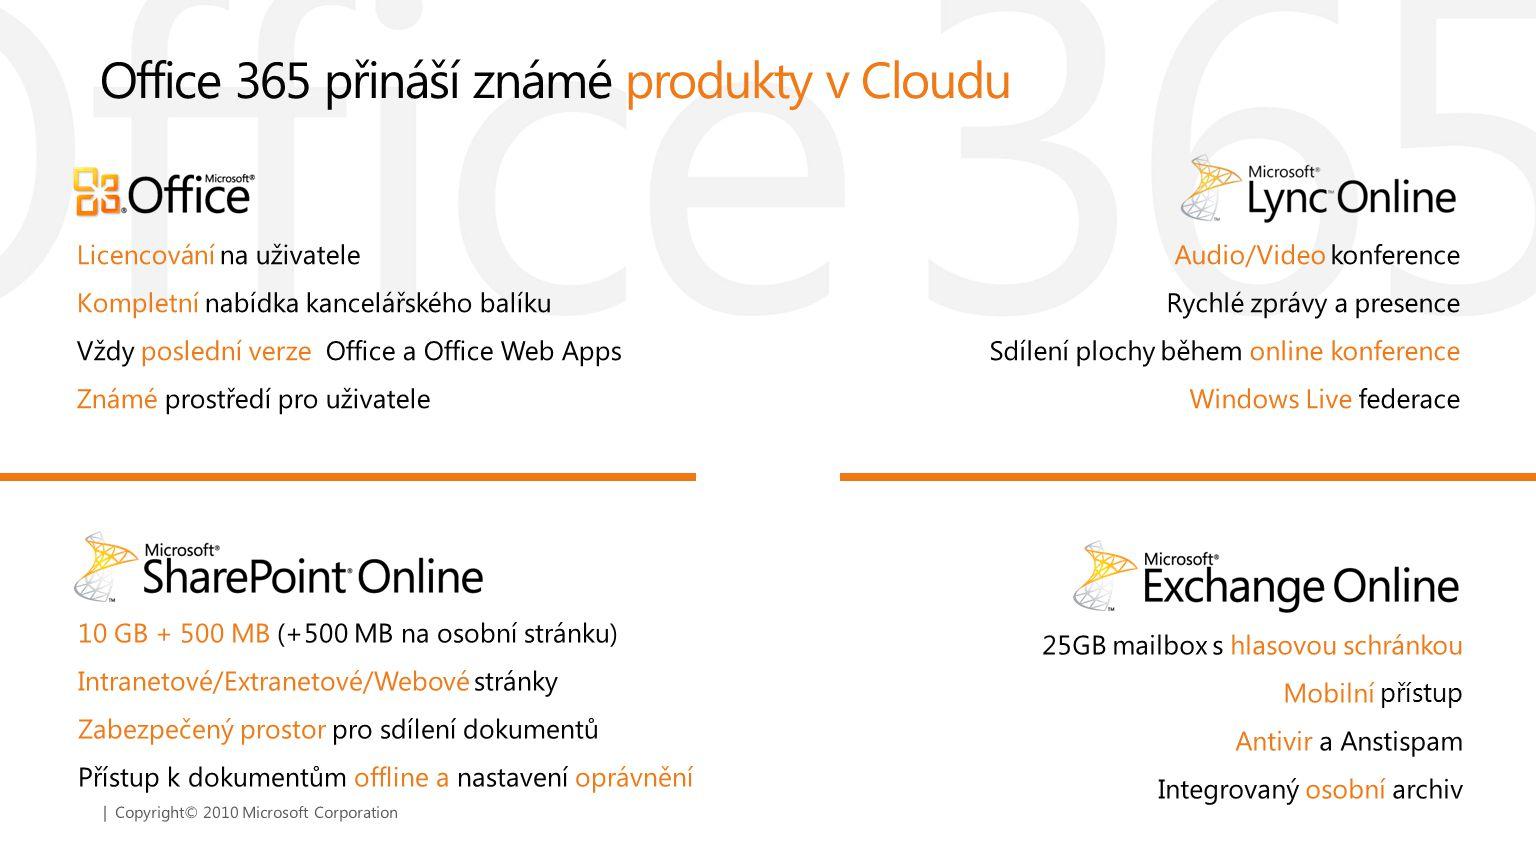 Office 365 přináší známé produkty v Cloudu